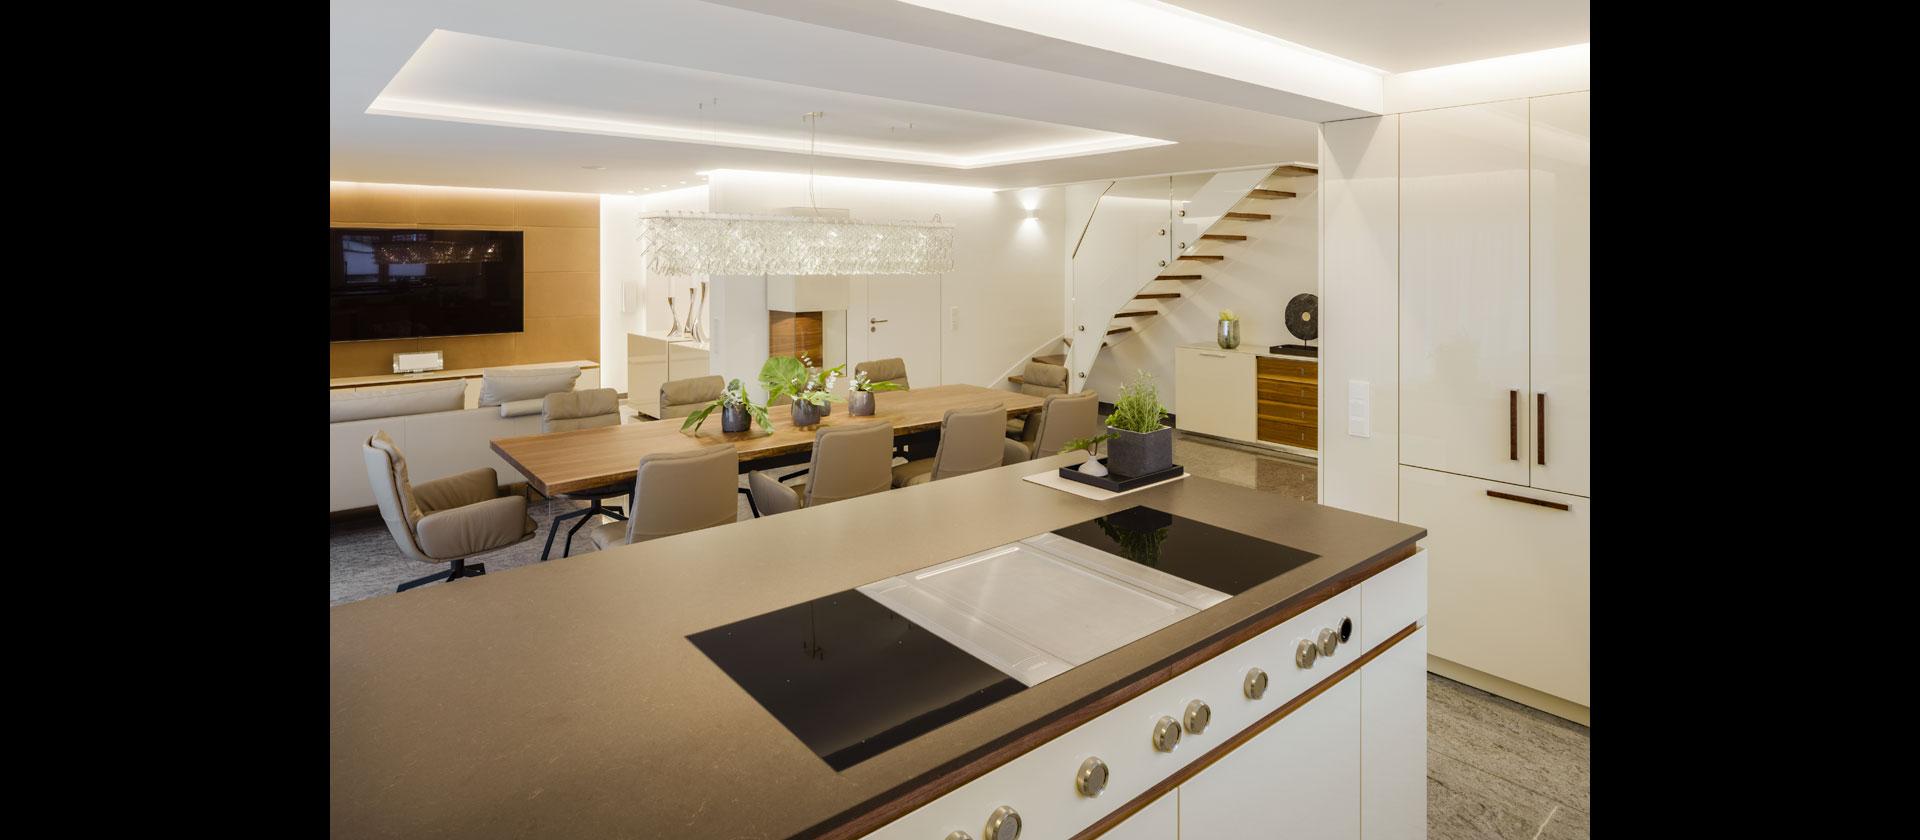 k che in wohnraum integriert lack mineralstein nussbaum. Black Bedroom Furniture Sets. Home Design Ideas